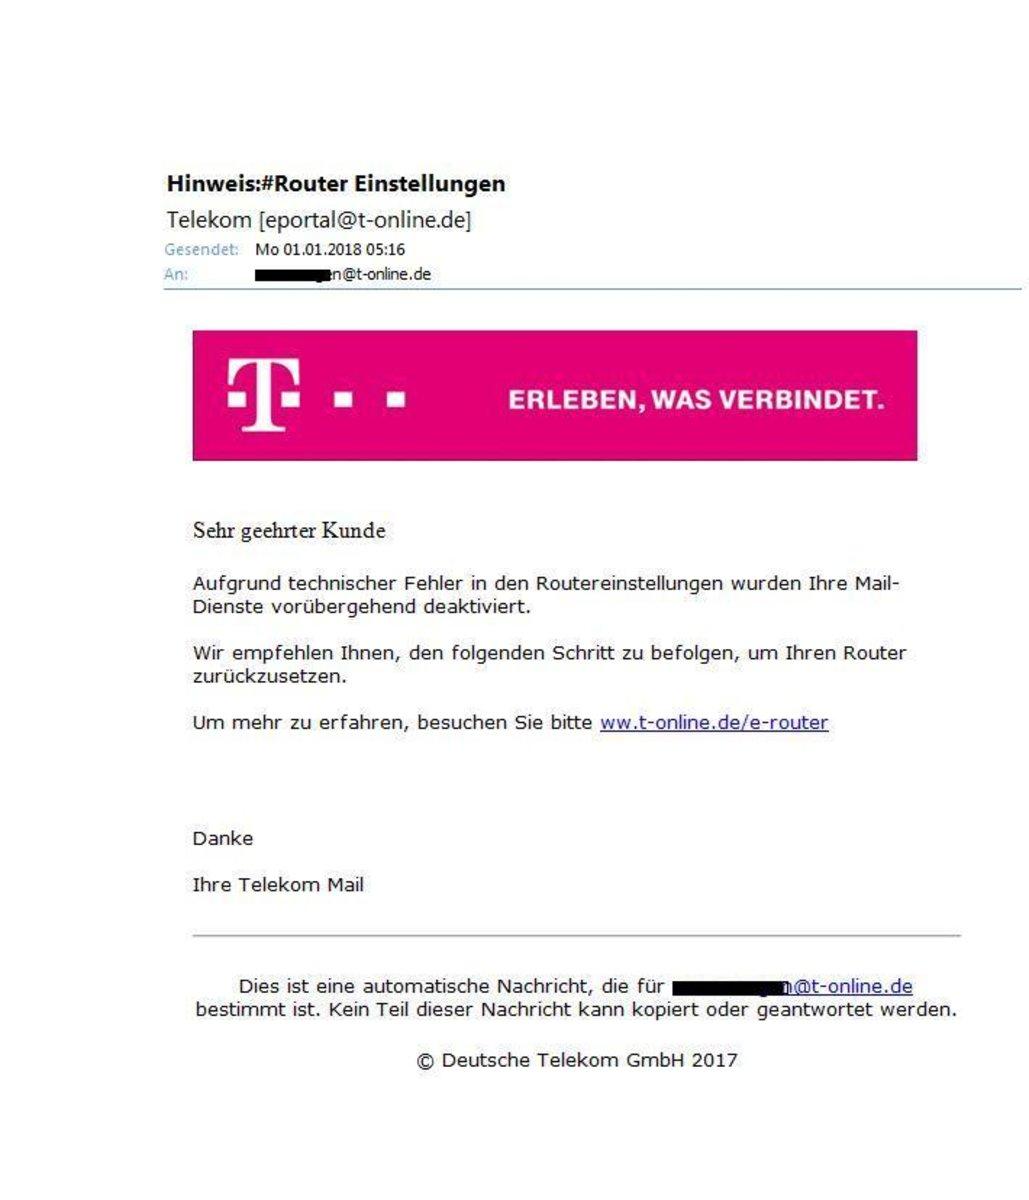 Router Einstellungen Von Telekom Eportal At T Onlinede Ist Phishing